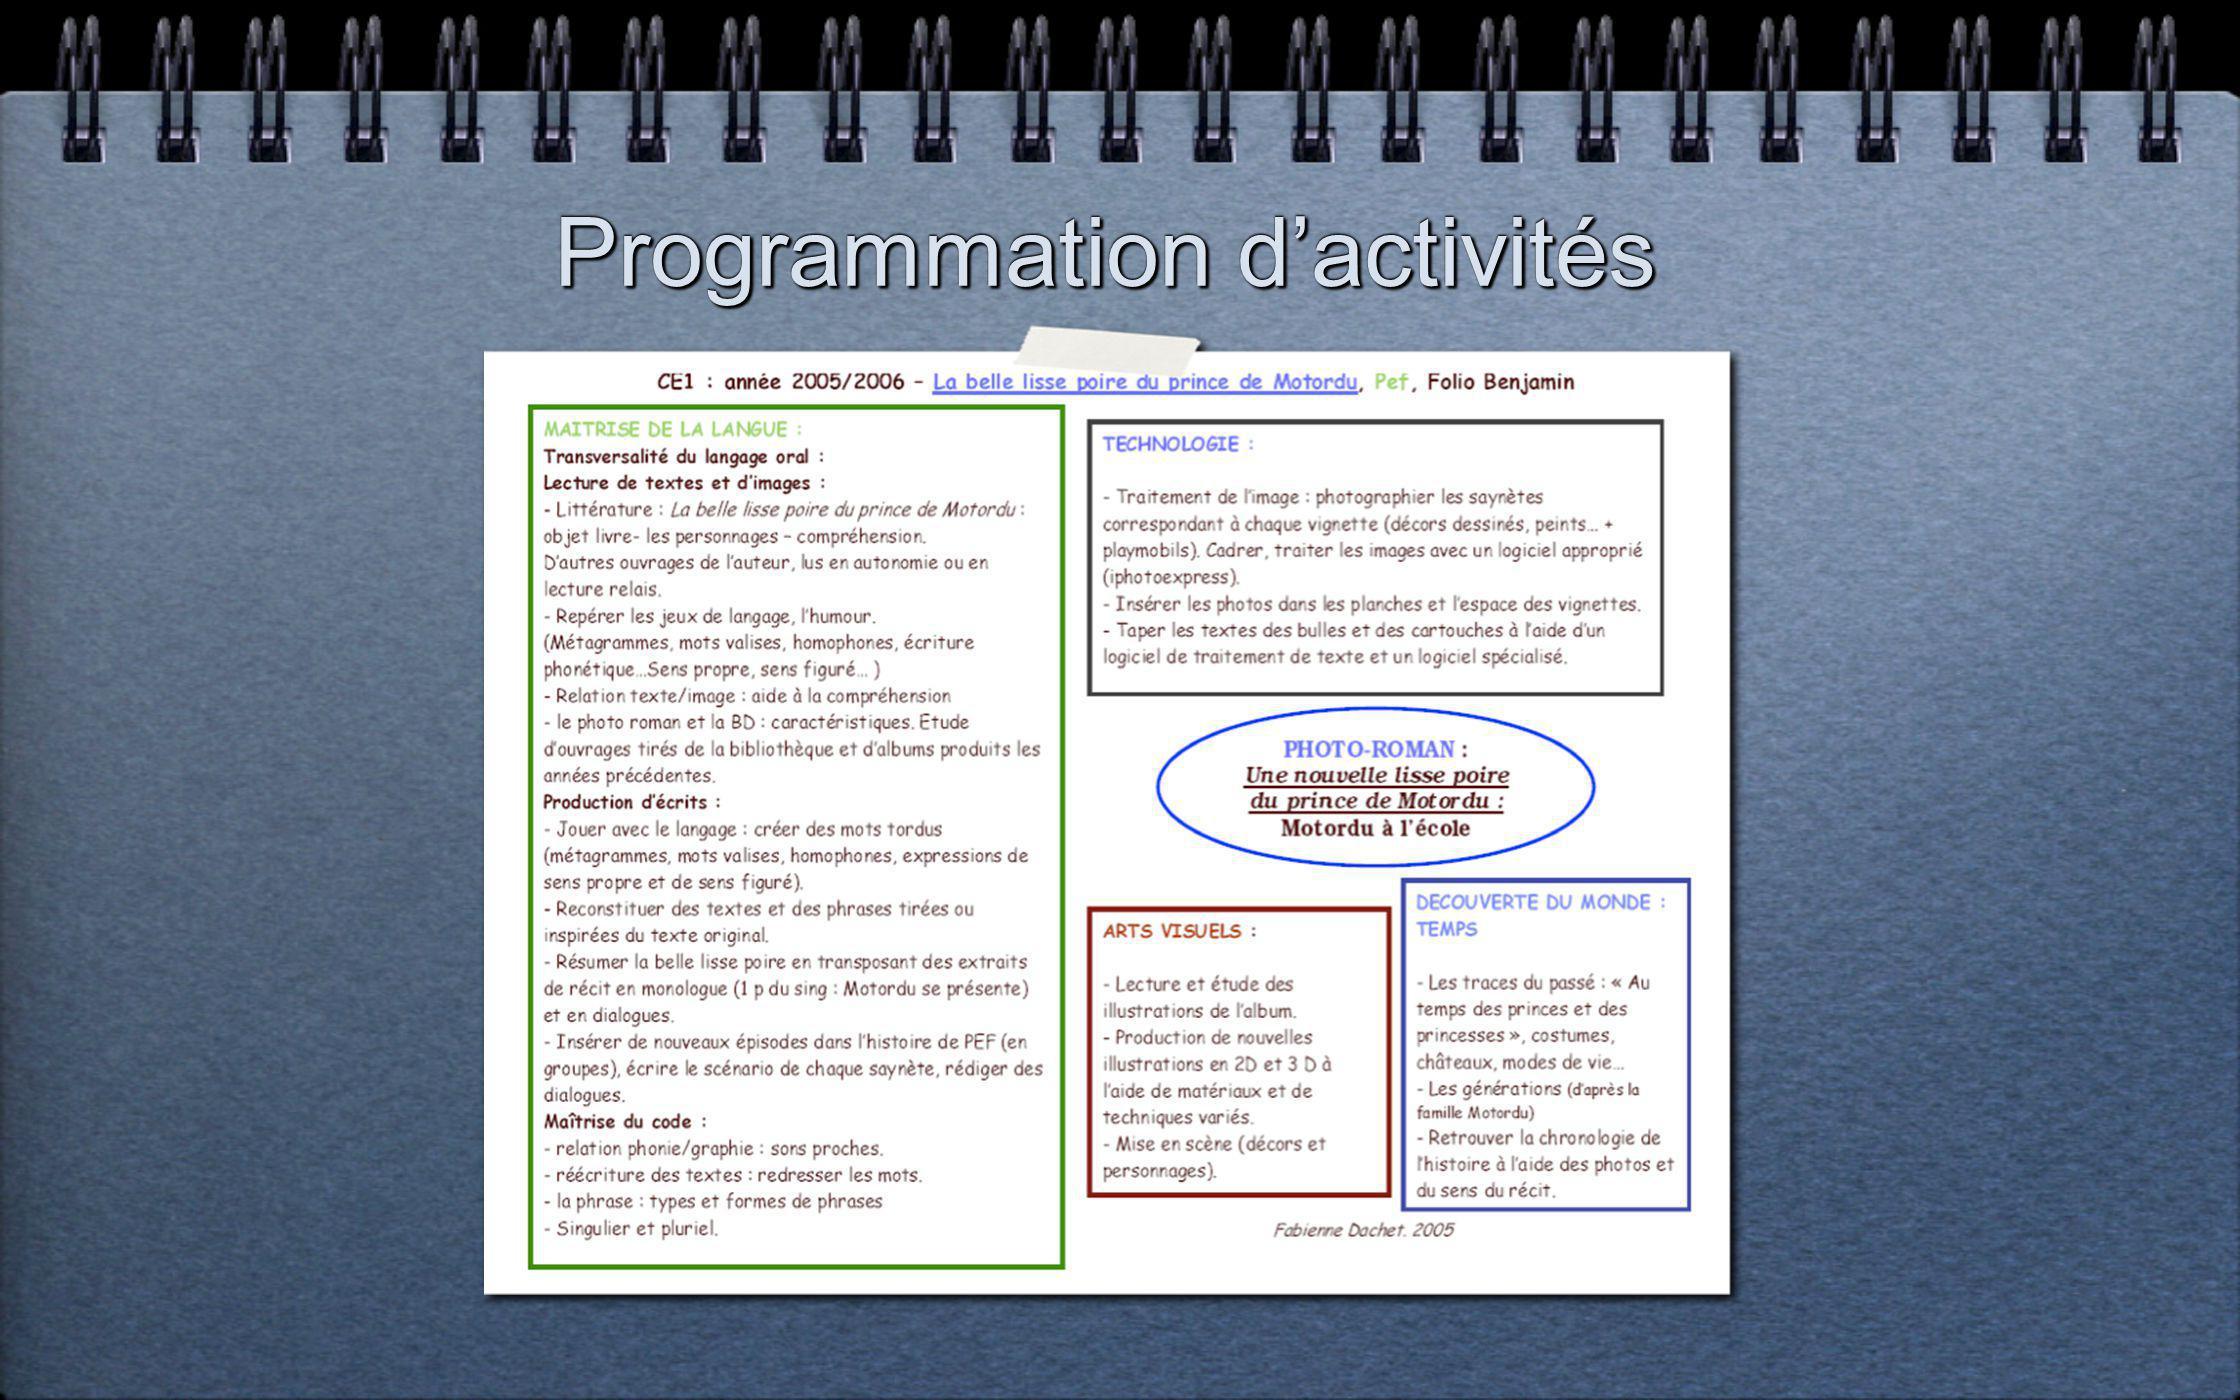 Programmation d'activités